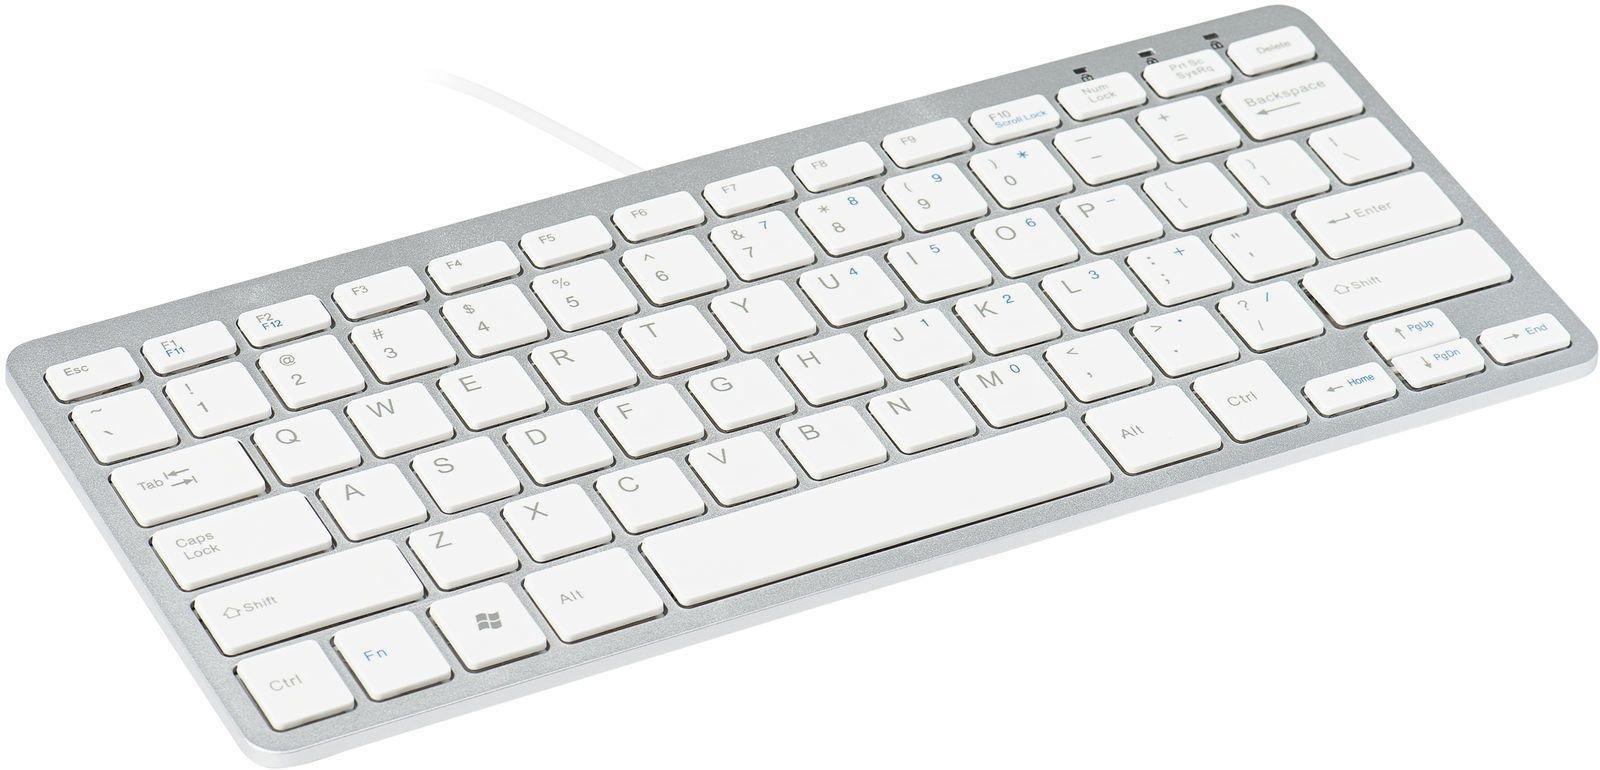 Best pris på R Go Tools Compact Keyboard Se priser før